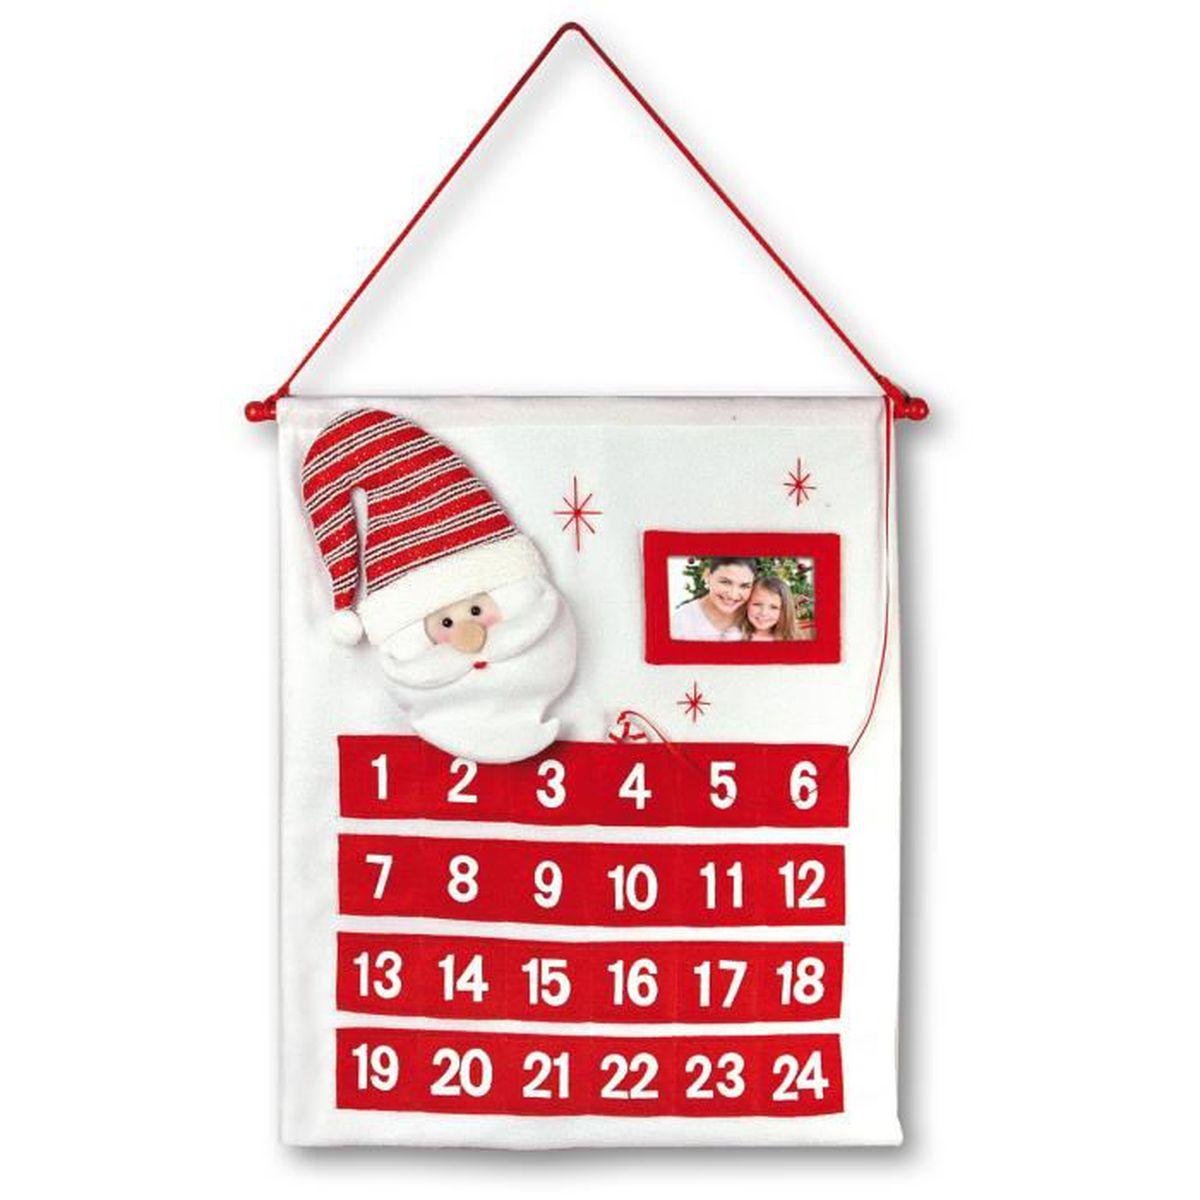 calendrier tissu noel achat vente jeux et jouets pas chers. Black Bedroom Furniture Sets. Home Design Ideas